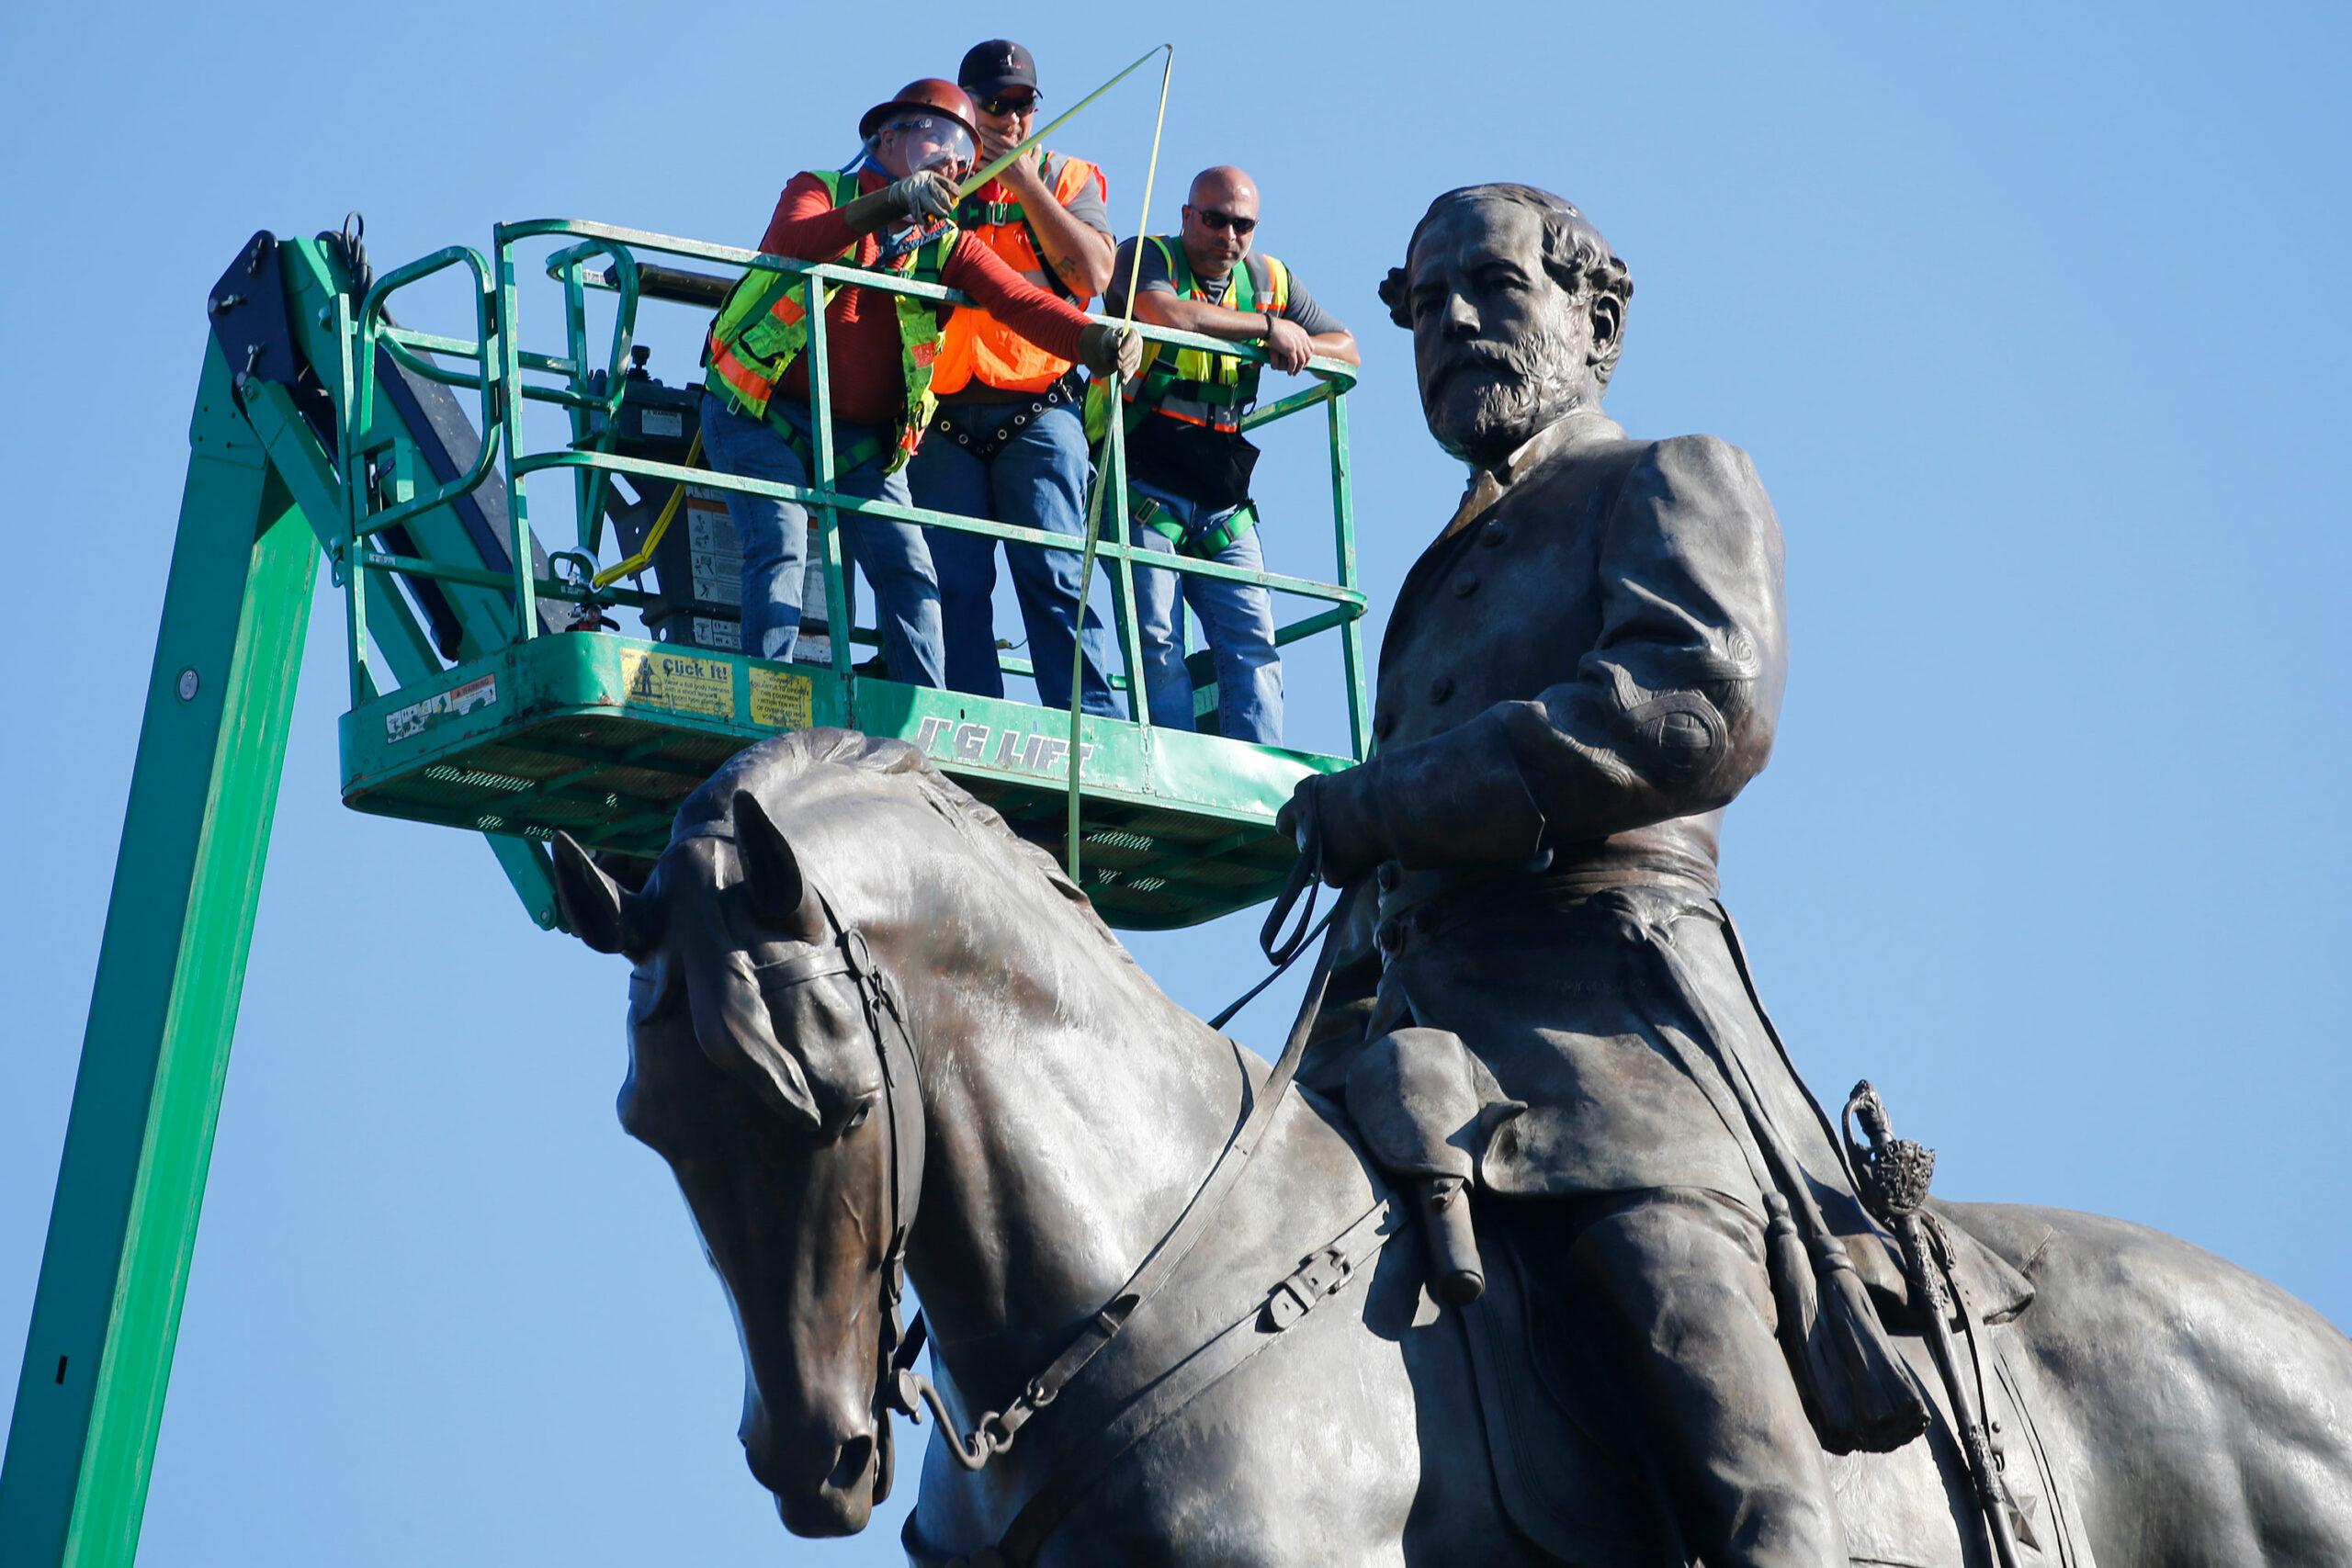 La policía detuvo a un hombre armado cerca del monumento a Robert E. Lee en Virginia